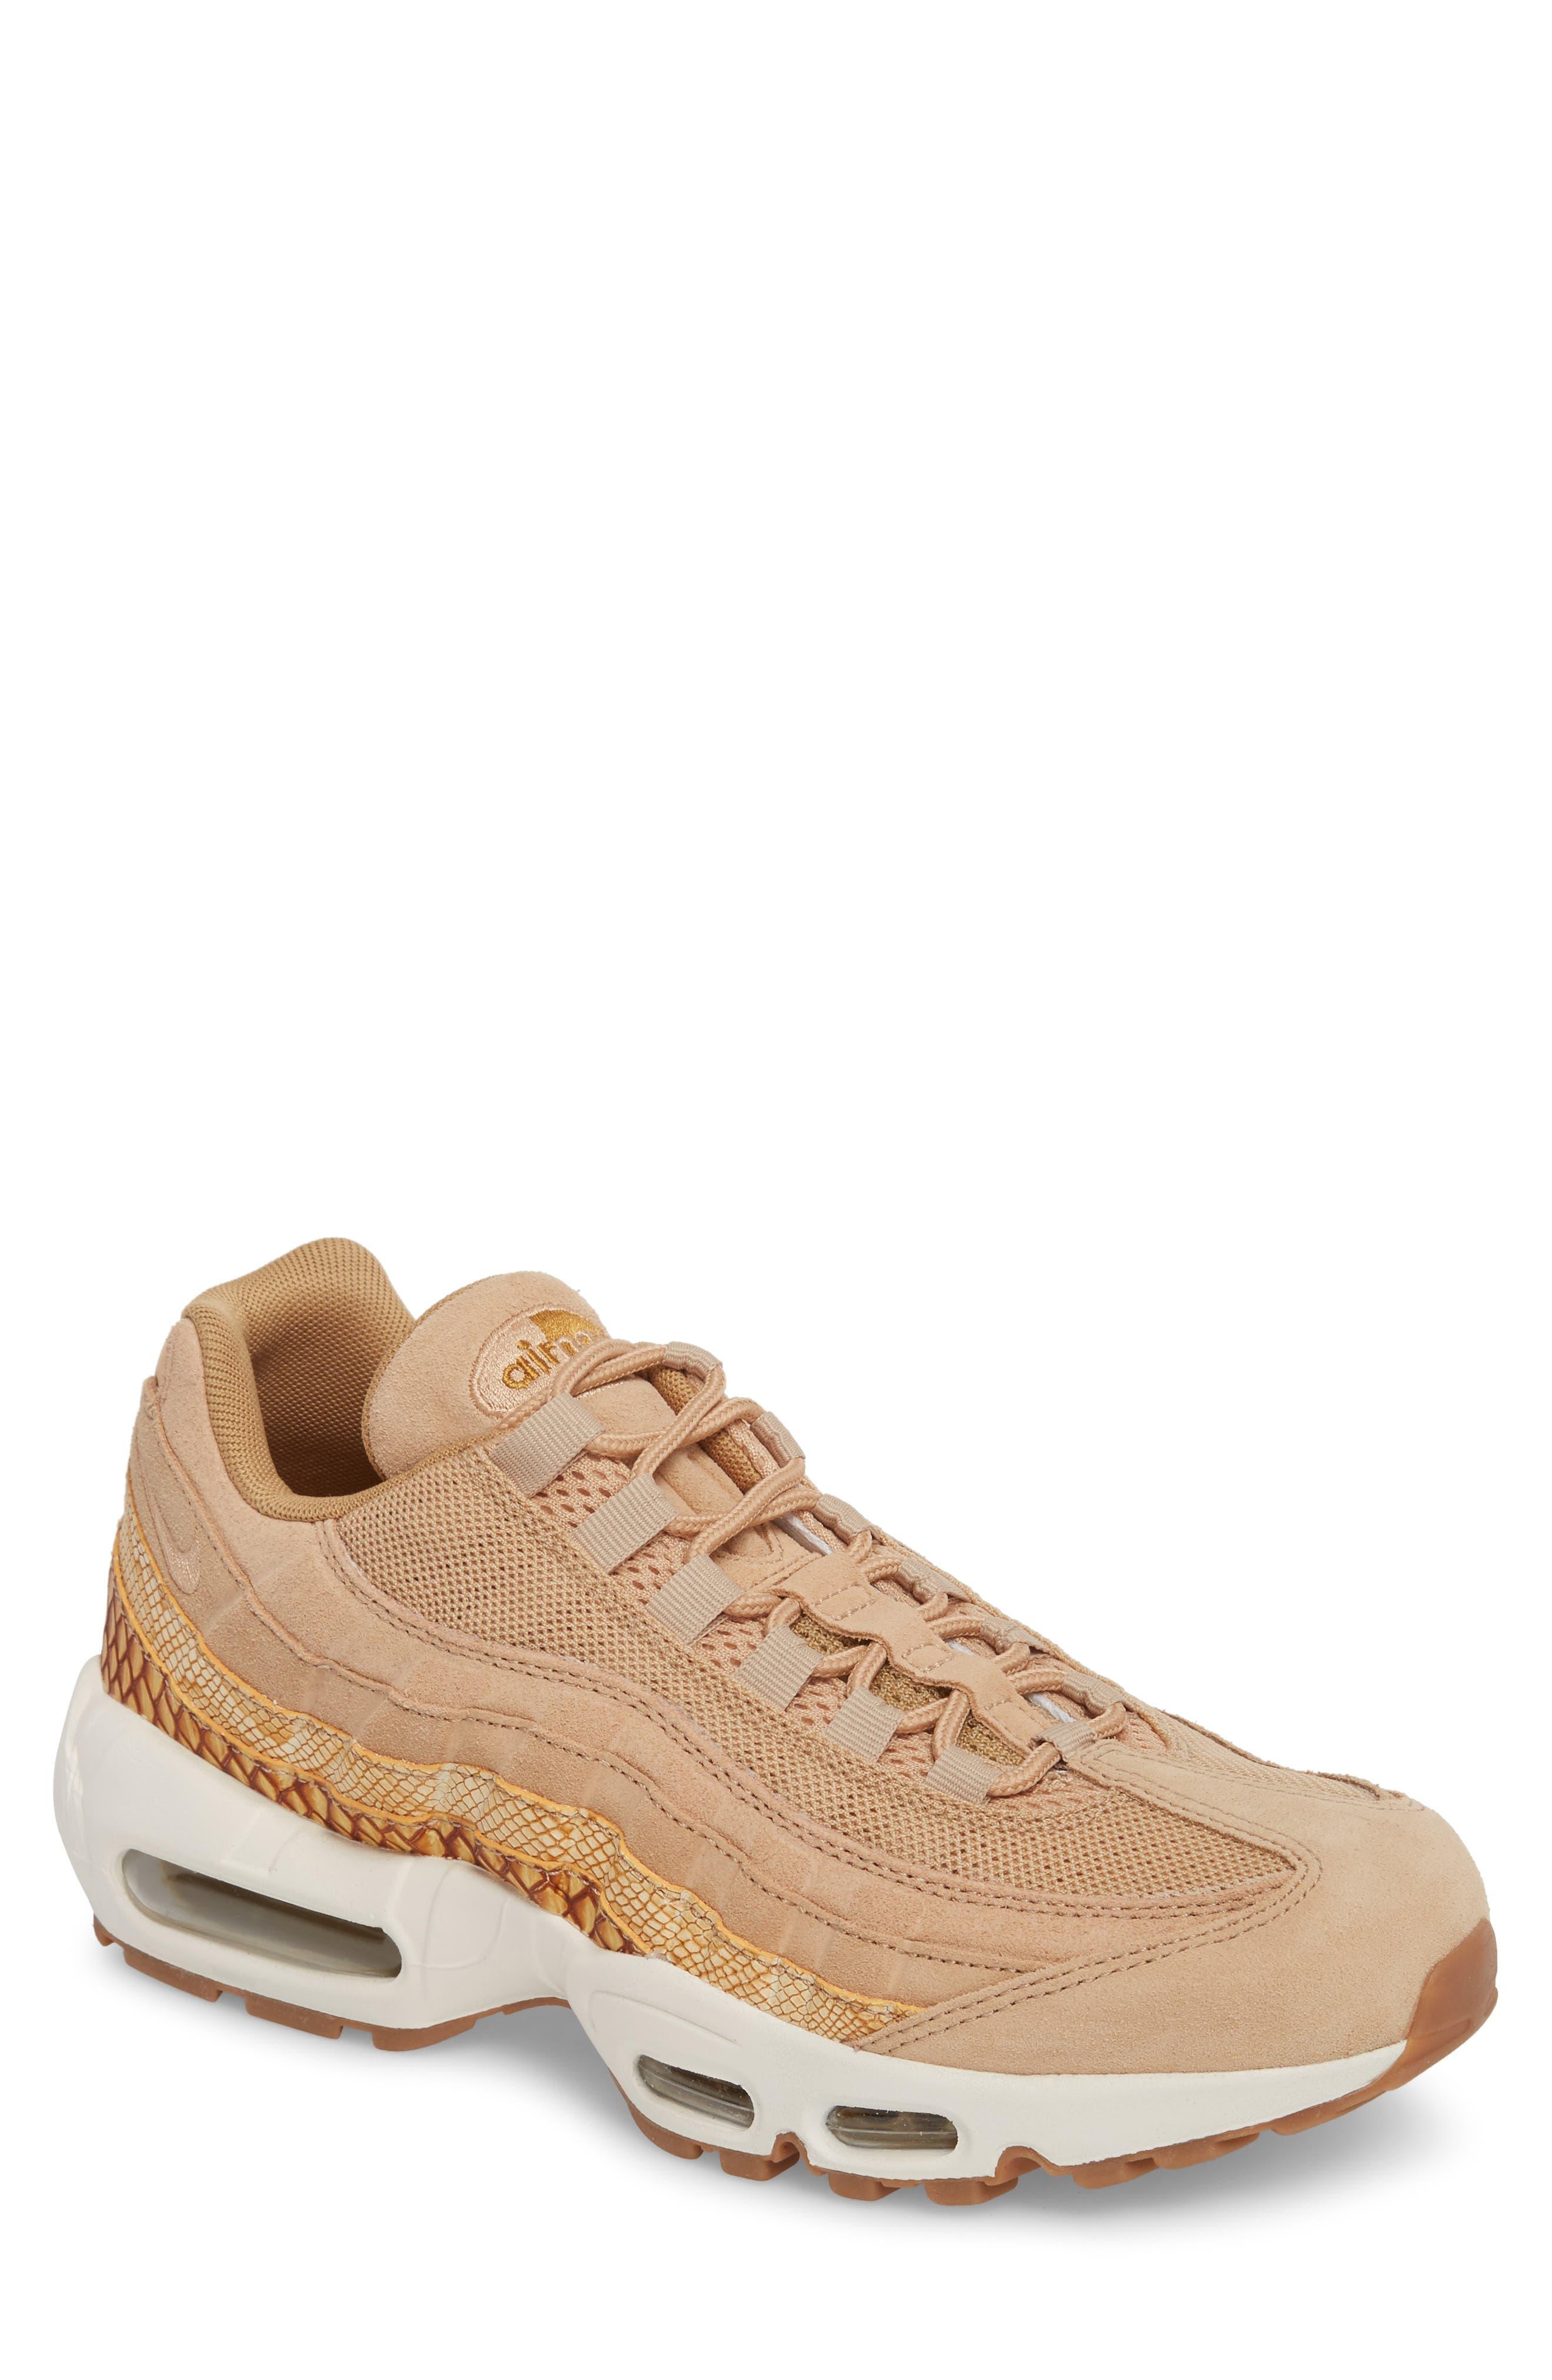 Air Max 95 Premium SE Sneaker,                         Main,                         color, TAN/ TAN/ ELEMENTAL GOLD